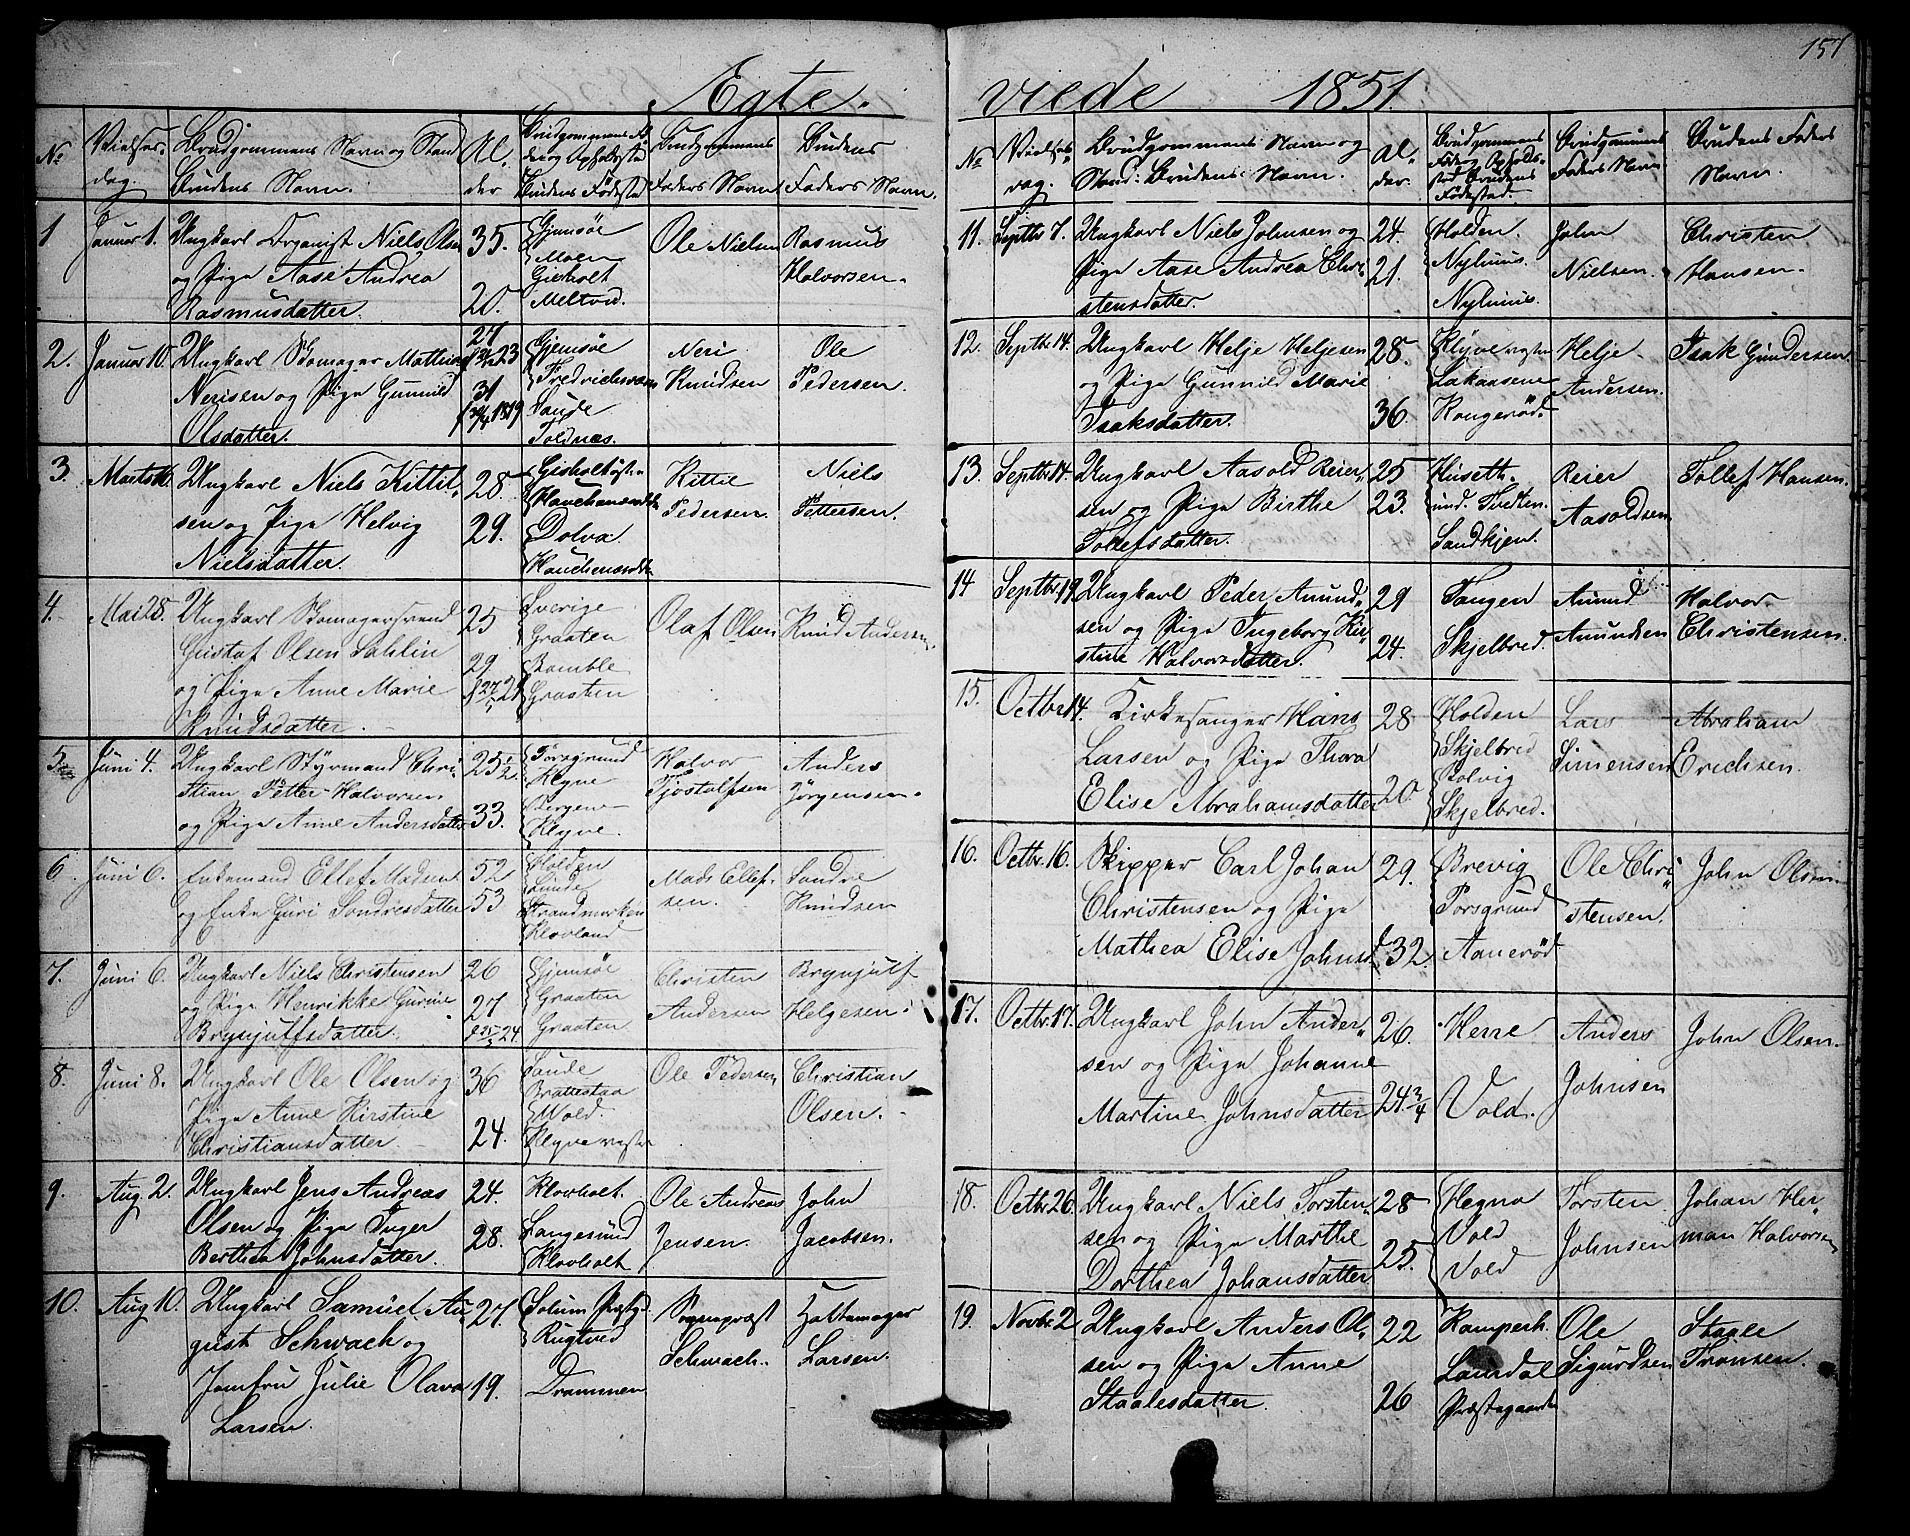 SAKO, Solum kirkebøker, G/Ga/L0003: Klokkerbok nr. I 3, 1848-1859, s. 157